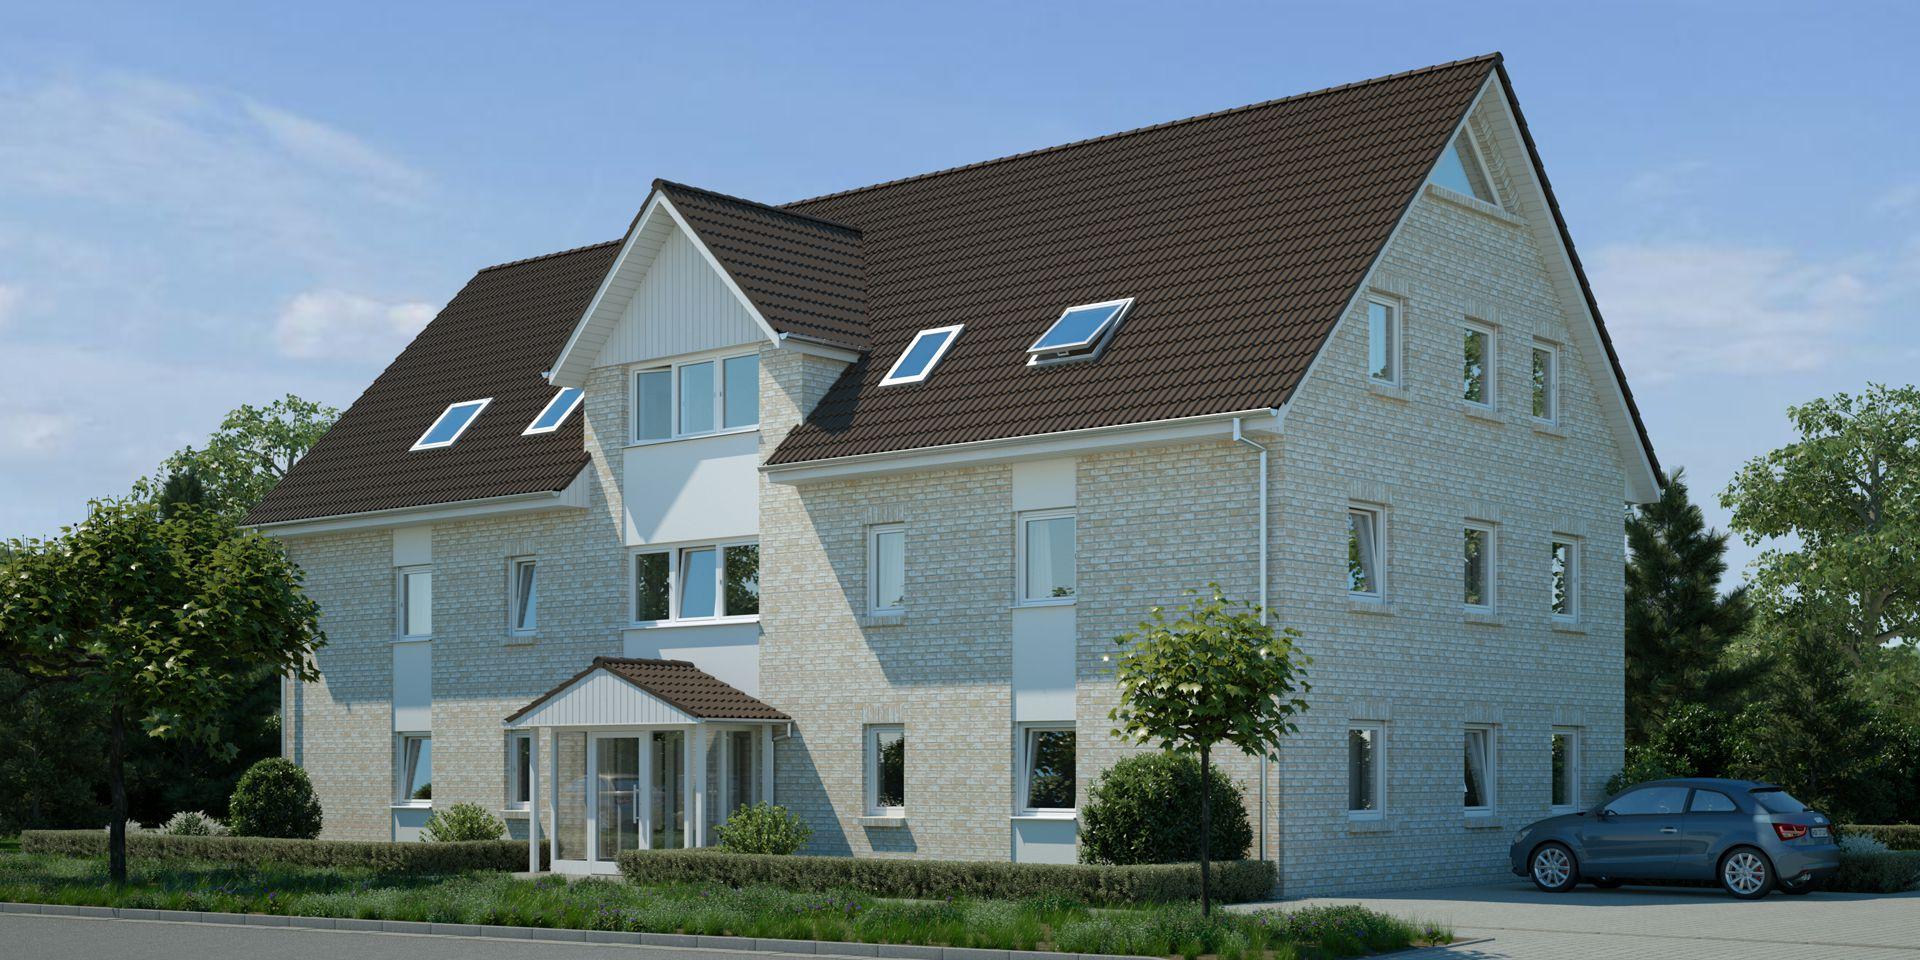 Architekturvisualisierung Mehrparteienhaus Flensburg Exterieur.jpg